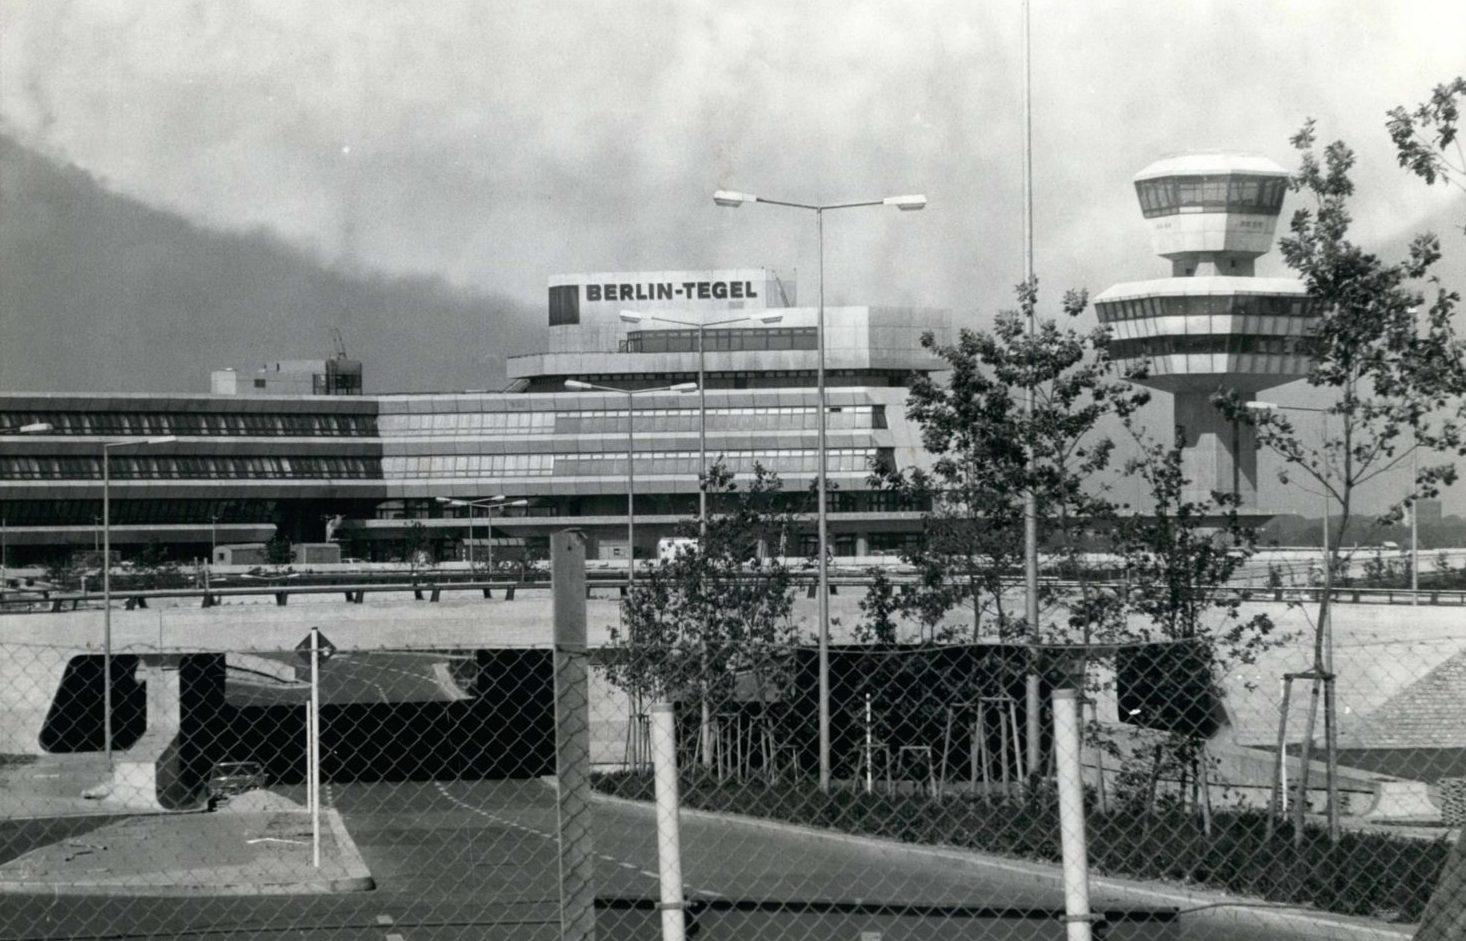 Der Flughafen Tegel kurz nach der Eröffnung im Oktober 1974. Foto: Imago/ZUMA/Keystone